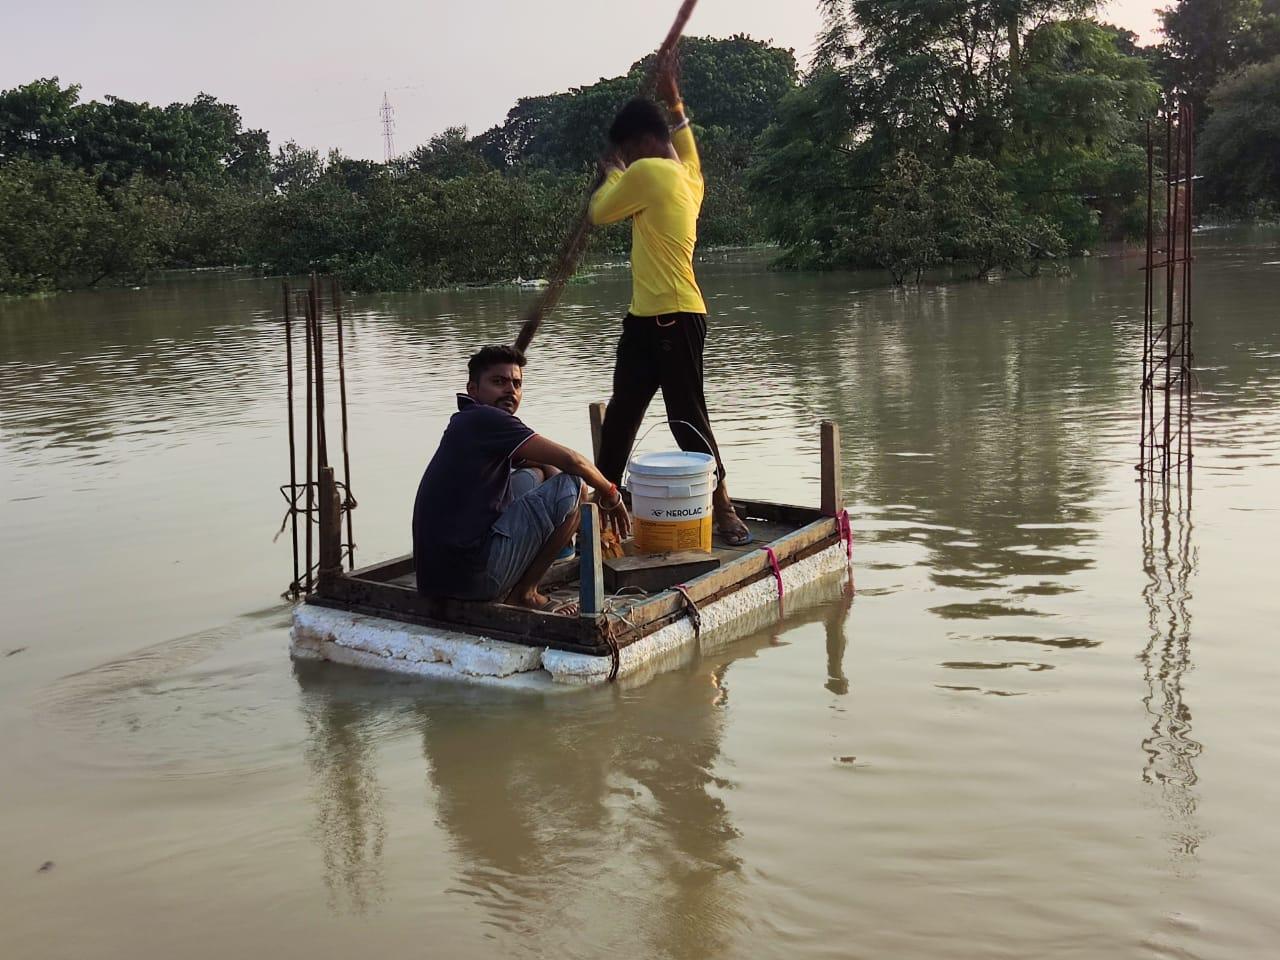 नाव हर समय उपलब्ध नहीं होने से ट्यूब और थर्माकोल से बनी नाव का सहारा लेना पड़ रहा है।